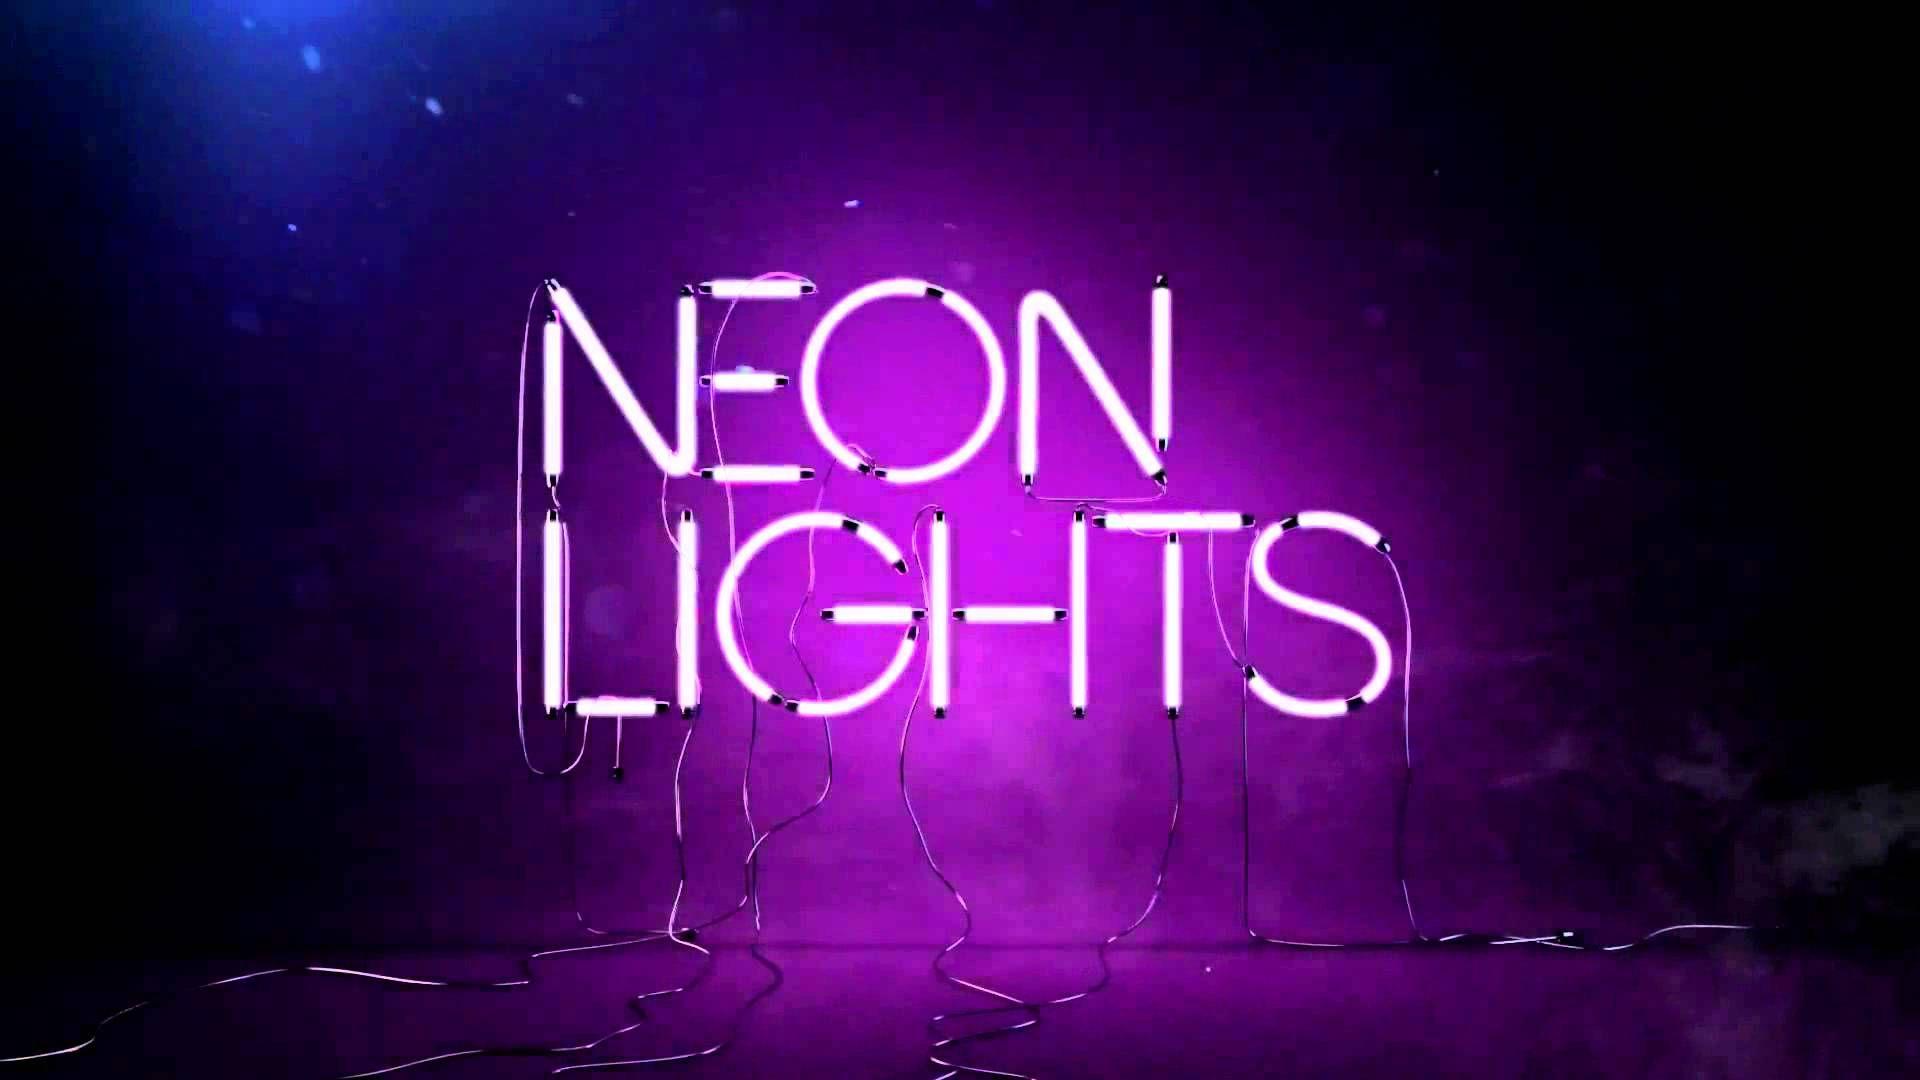 nice Neon Lights Guitar Desktop Background Neon